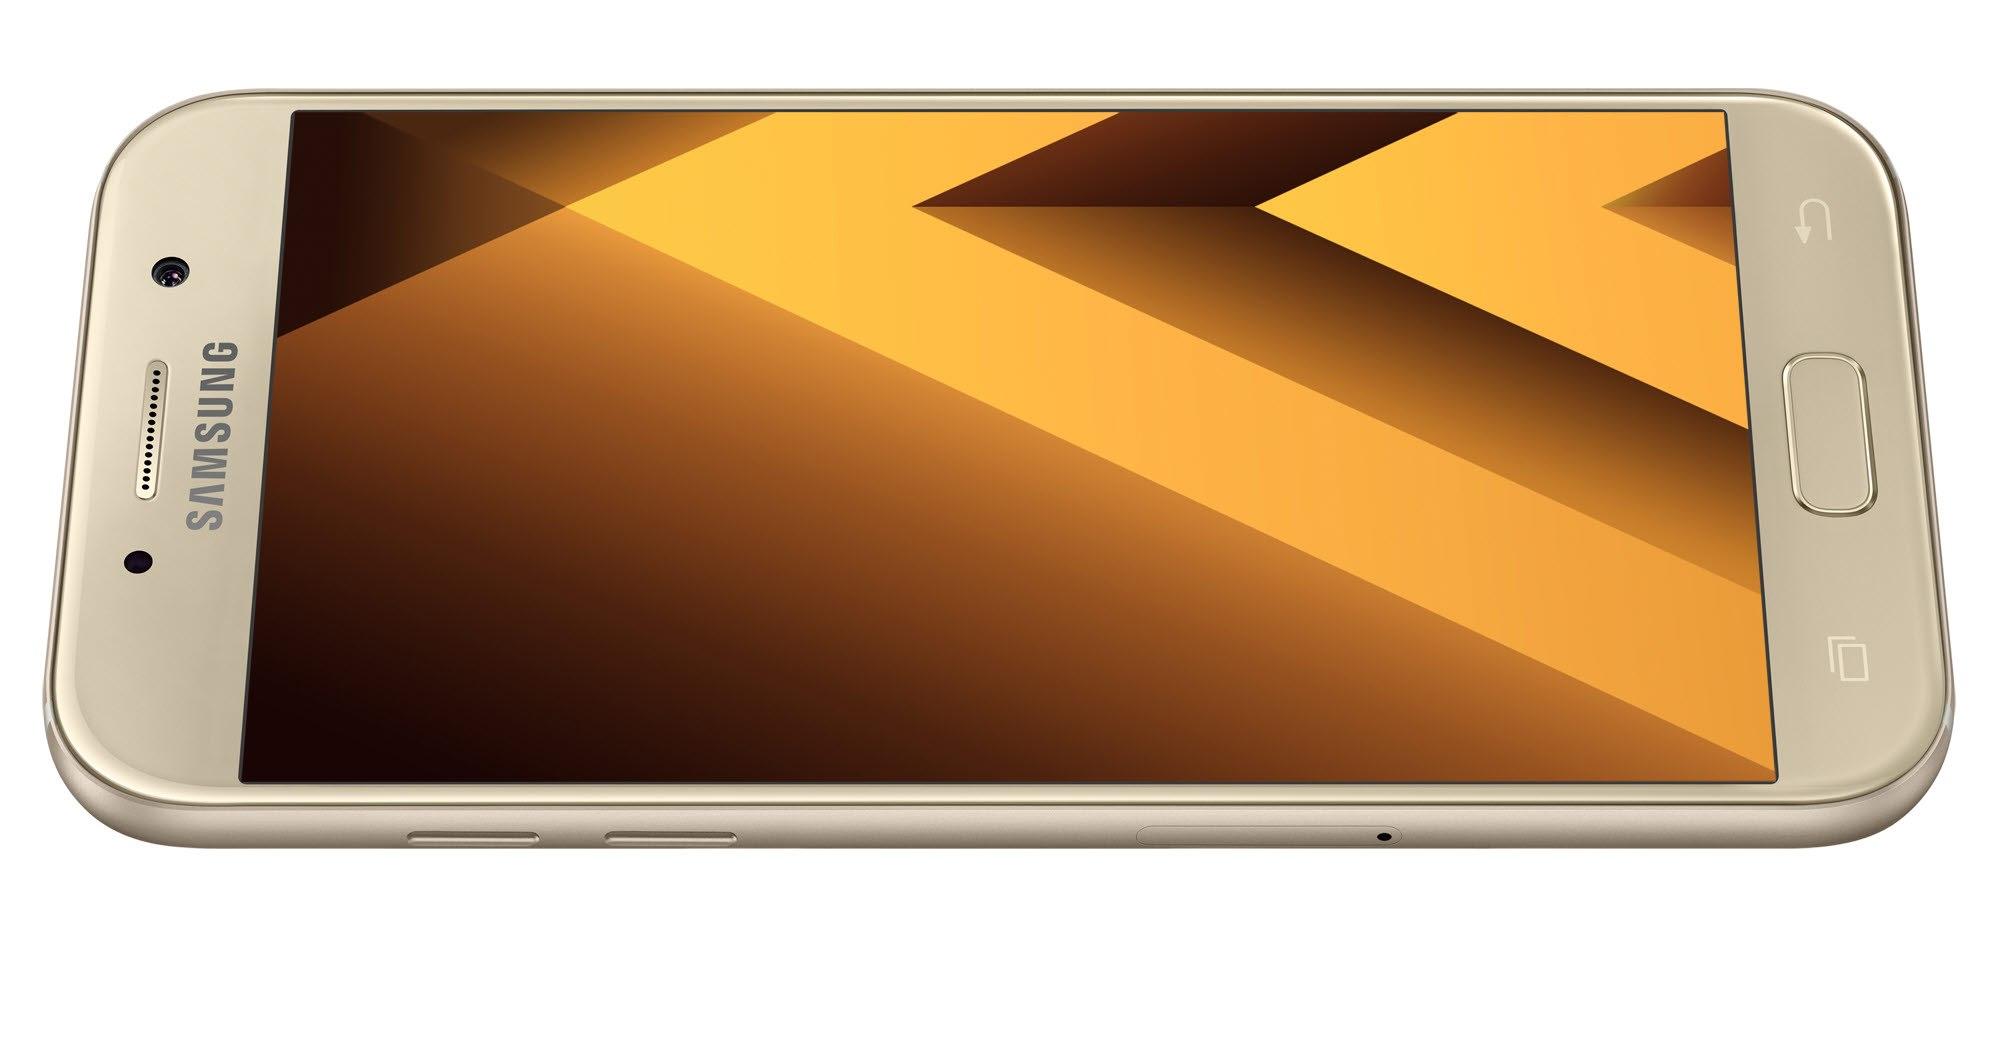 Nuovi smartphone Samsung Galaxy A ancora più eleganti